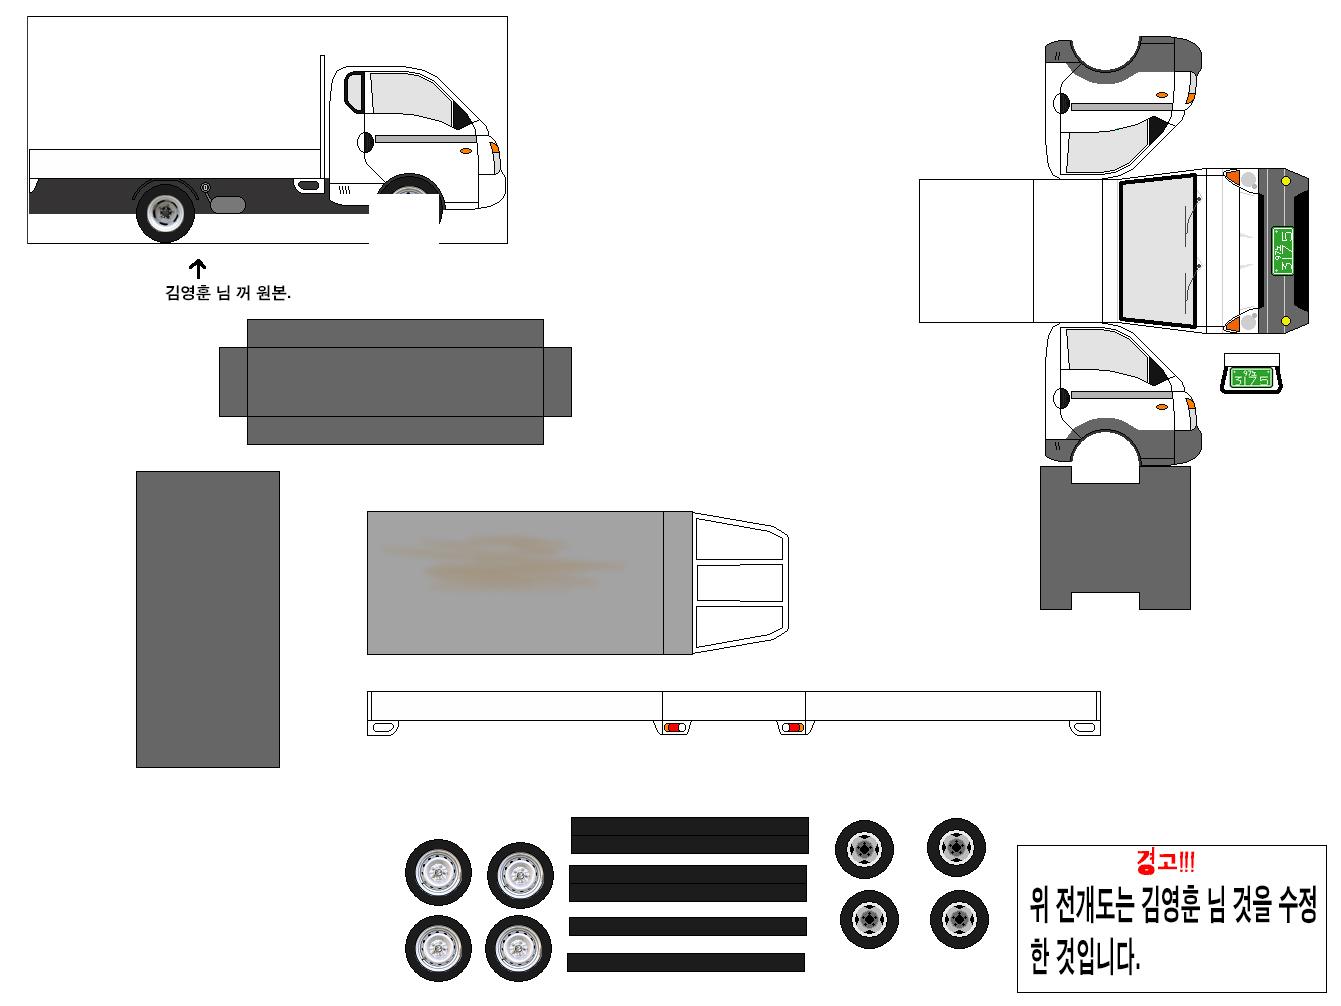 현대 포터2 초장축 일반캐빈 카고트럭 (2004_) 수정....jpg